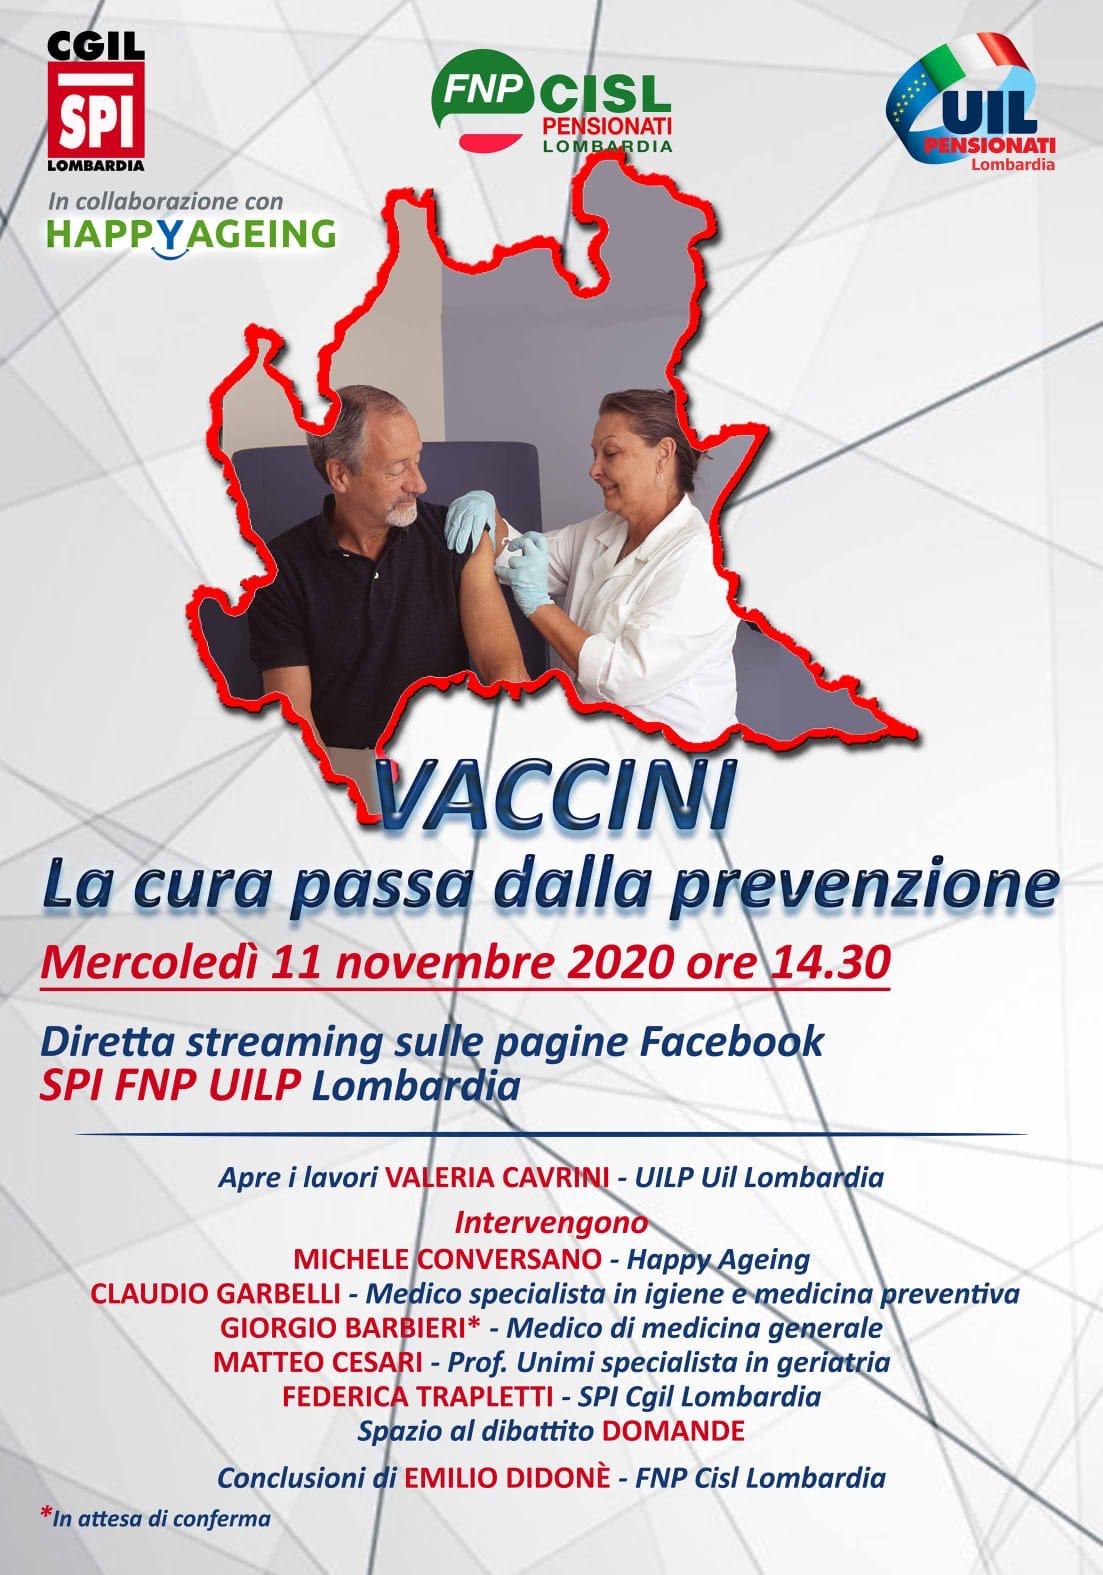 Vaccini. La cura passa dalla prevenzione